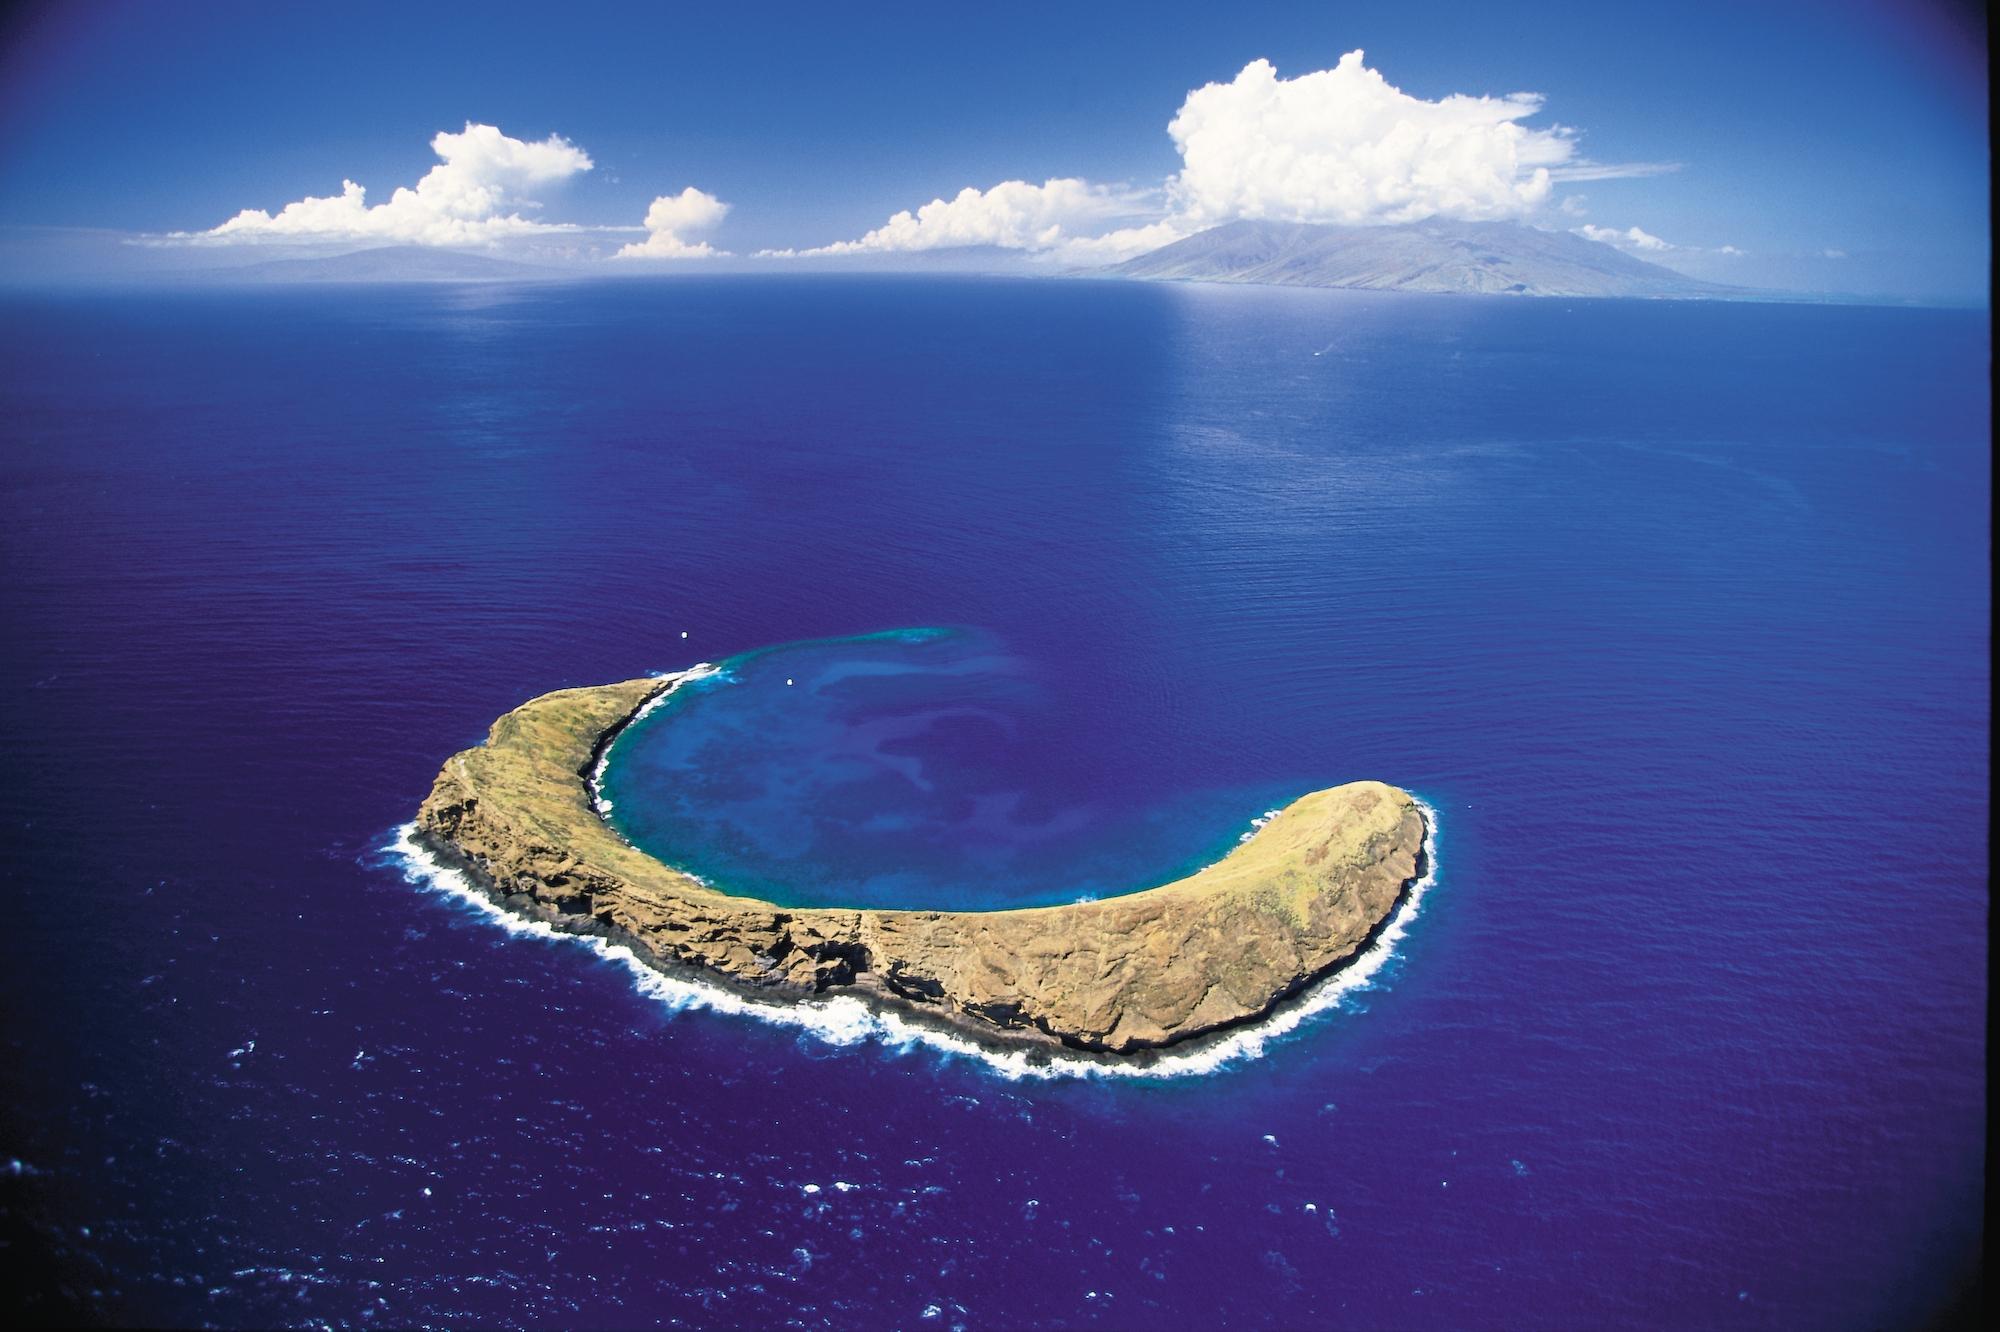 Hawaii Island Hopping Maui til Oahu Tour Package - Royal Hawaiian Tour